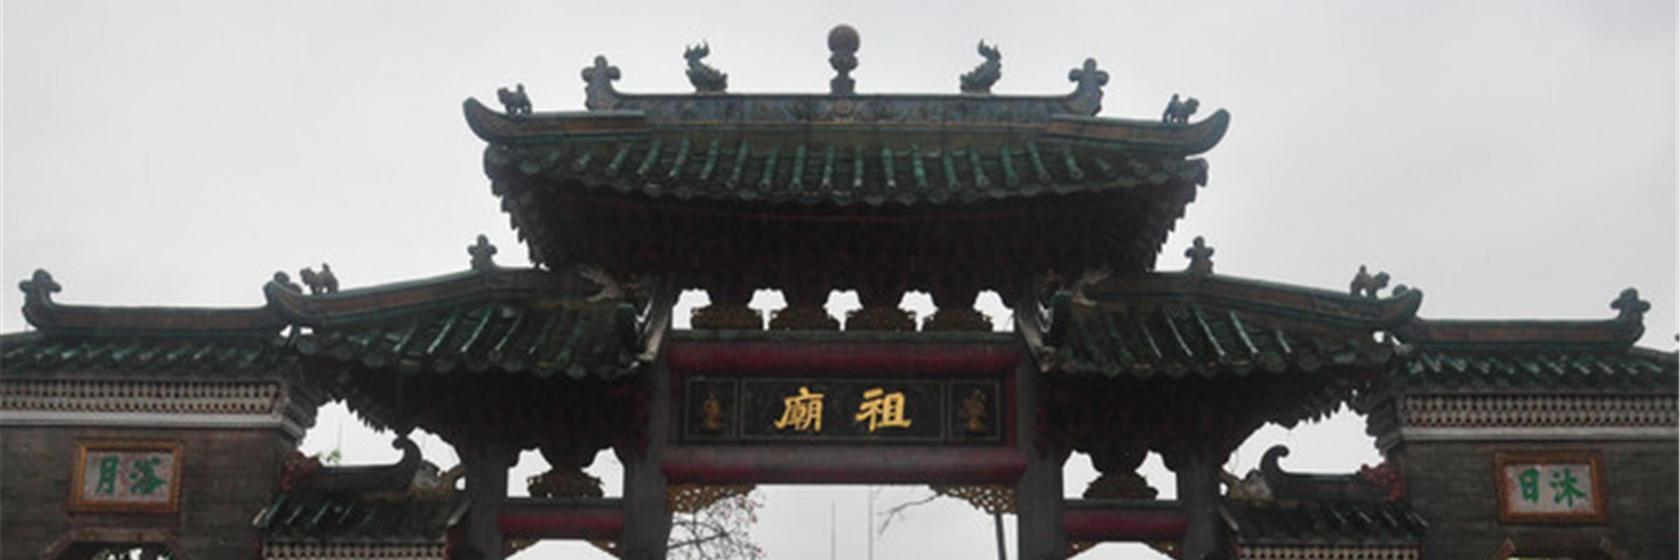 叶问的家乡--游佛山祖庙